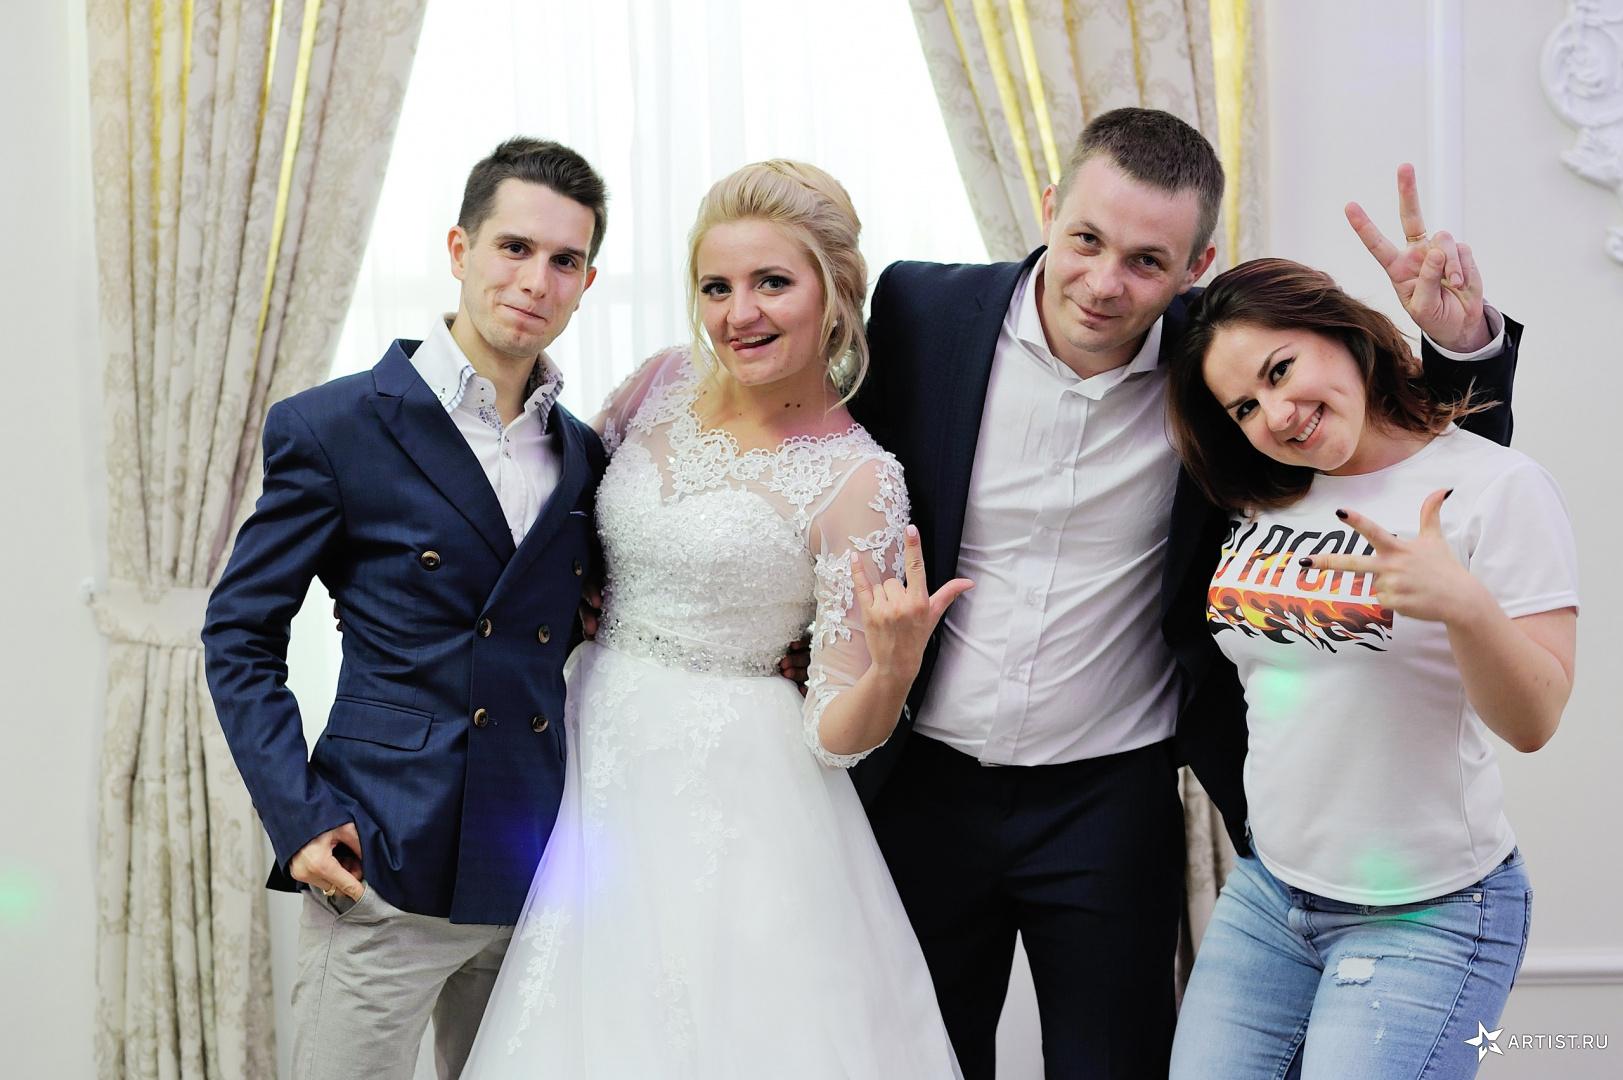 Фото 14 из 21 из альбома Свадьба Екатерины и Дениса Андрея Кислого